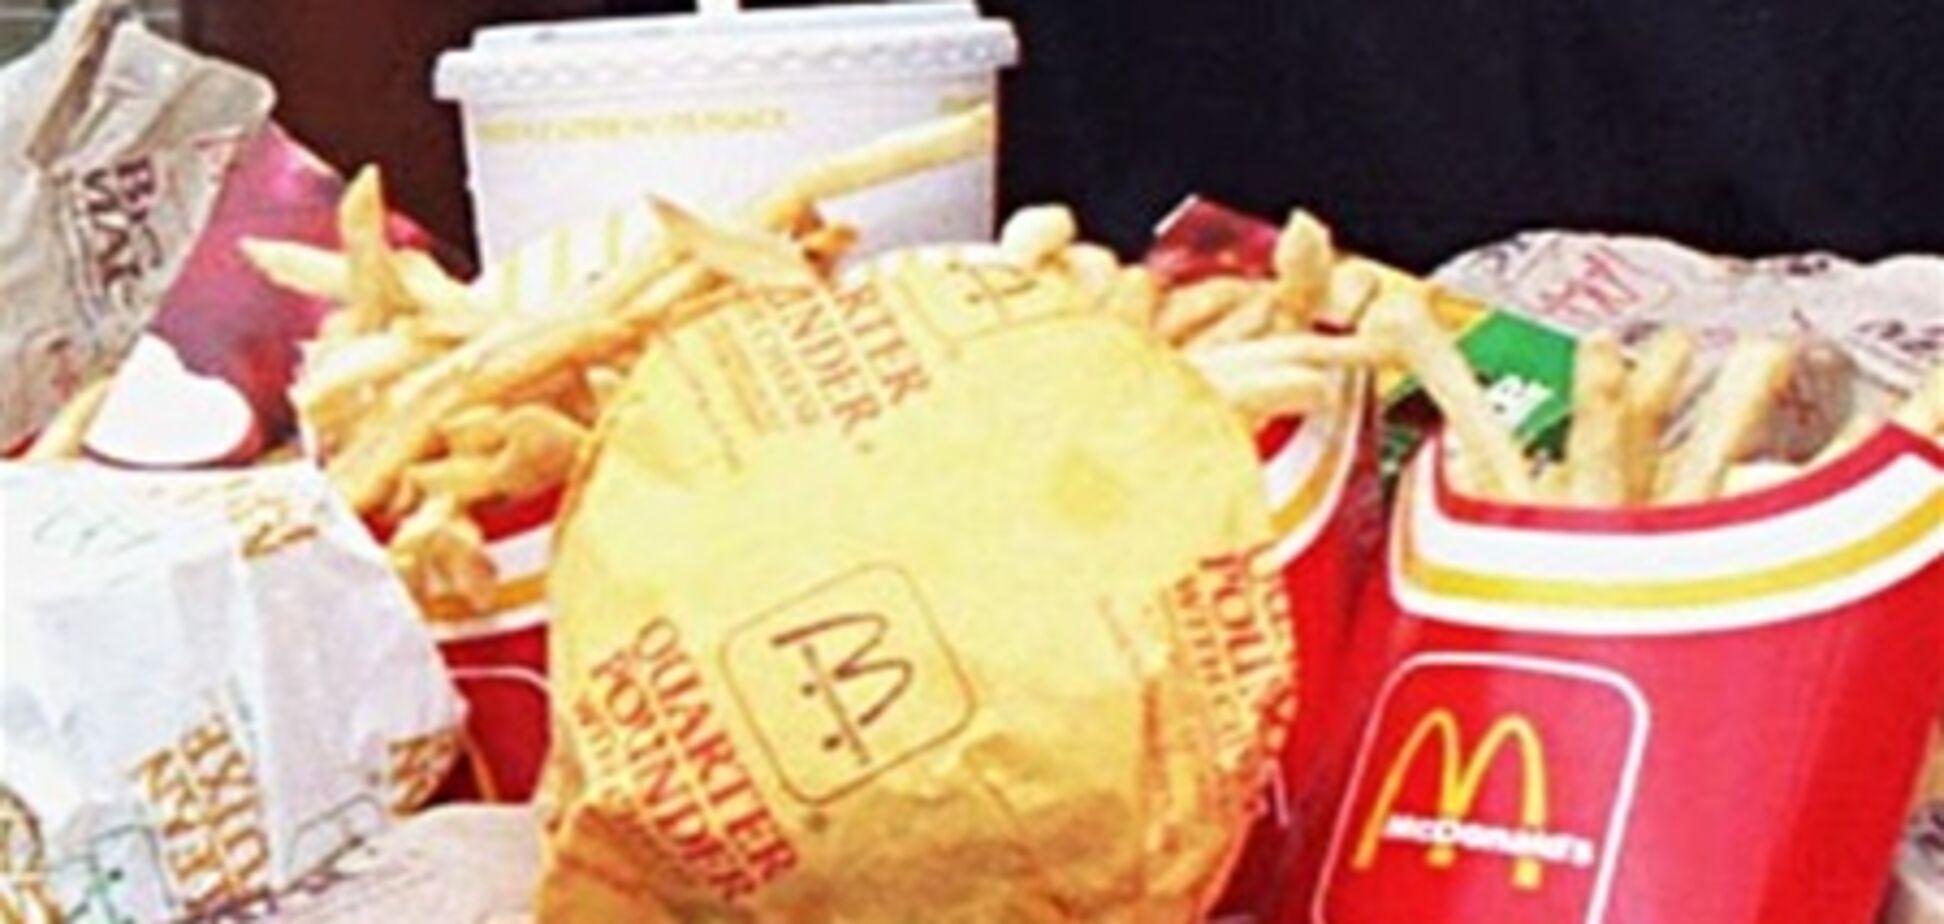 'Макдональдс' виплатить 250 тис. євро колишній співробітниці за переробки